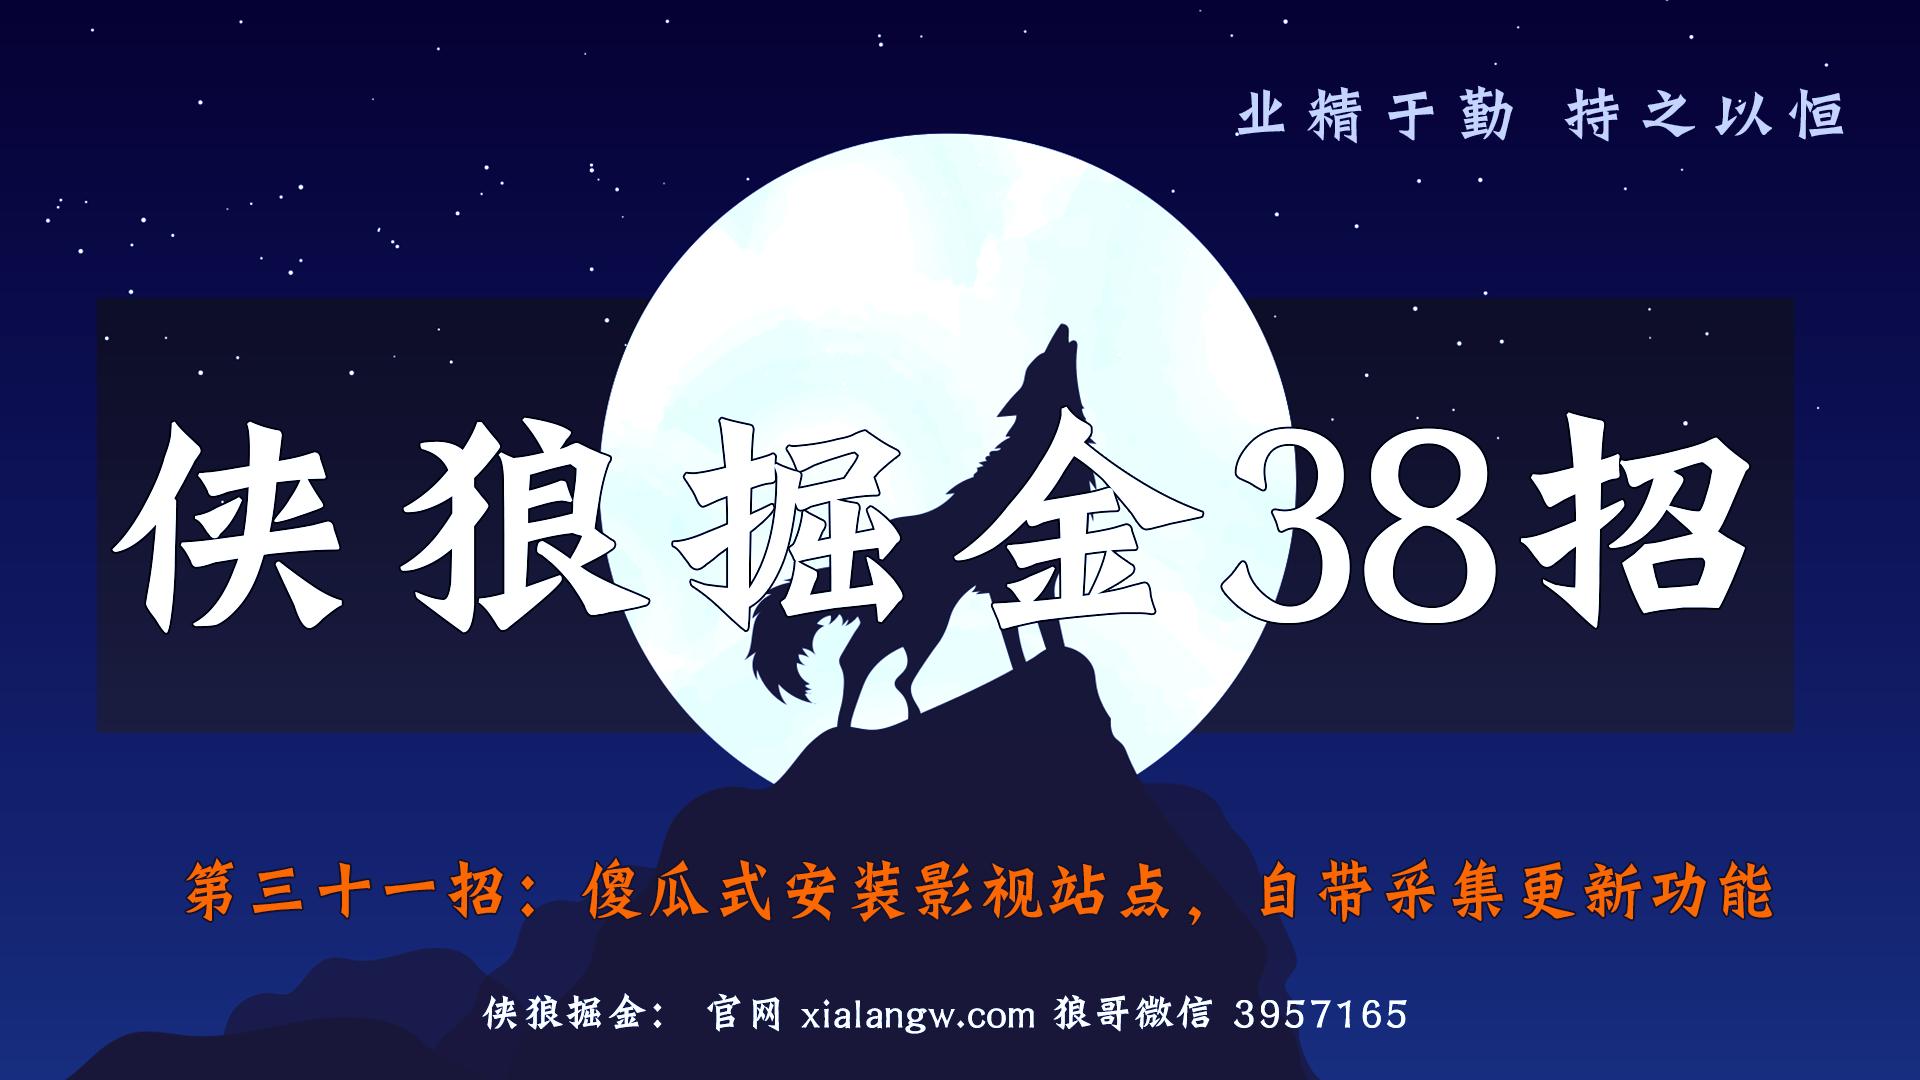 侠狼掘金38招第31招傻瓜式安装影视站点,自带采集更新功能